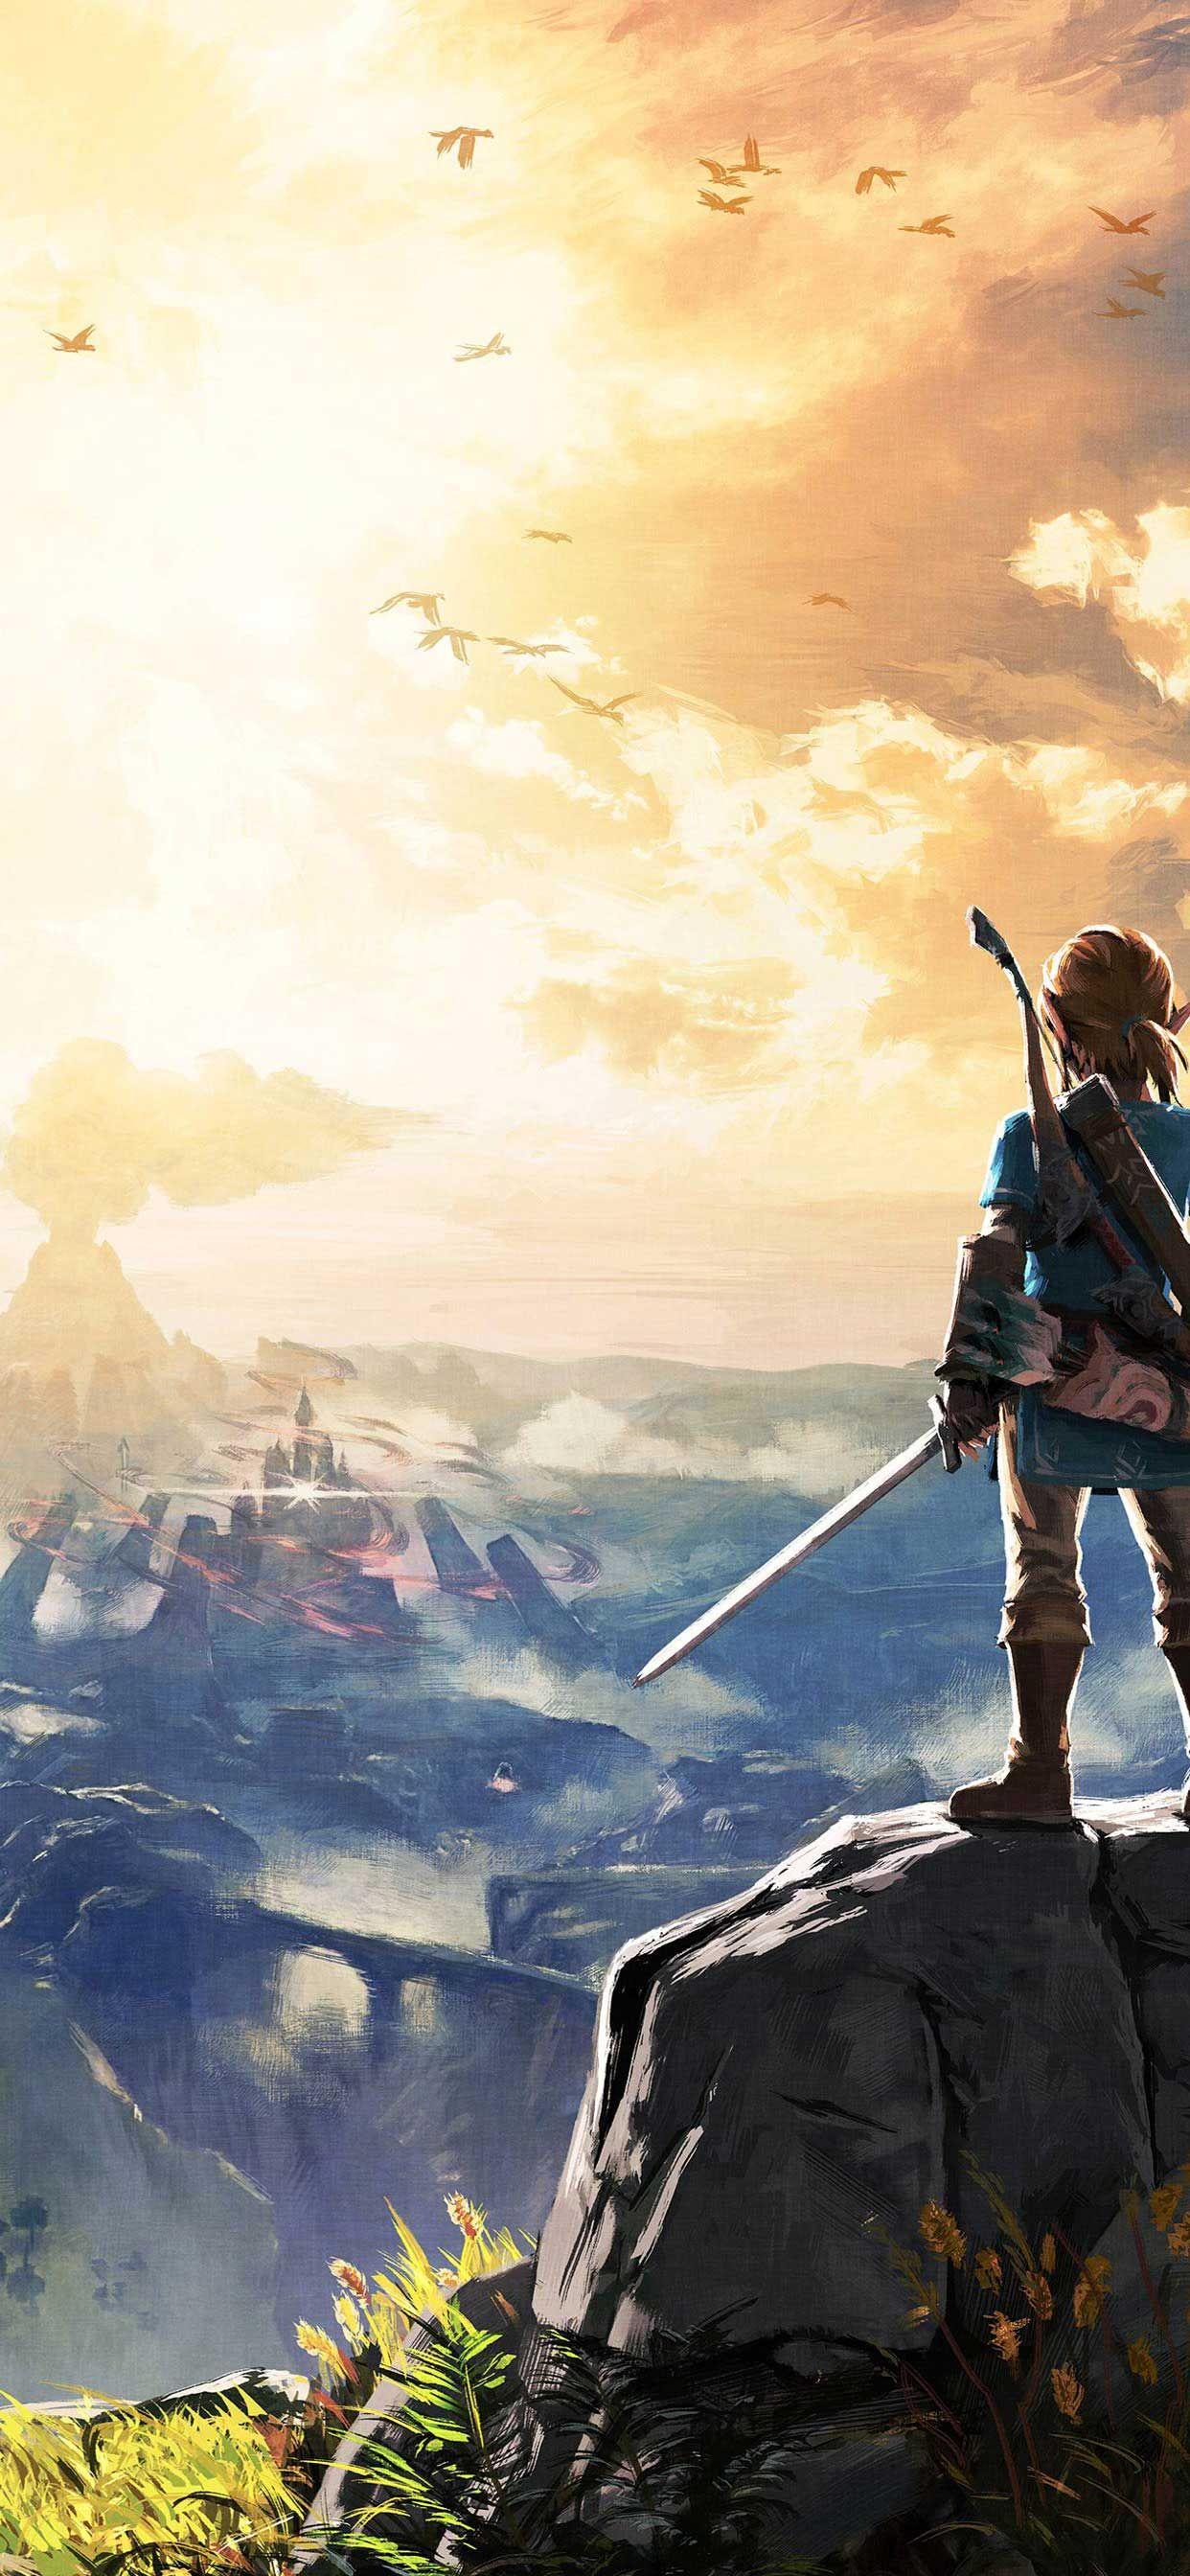 The Legend Of Zelda Breath Of The Wild K Wallpaper Iphone Pro Ma Wallpaper In 2020 Legend Of Zelda Breath Legend Of Zelda Breath Of The Wild